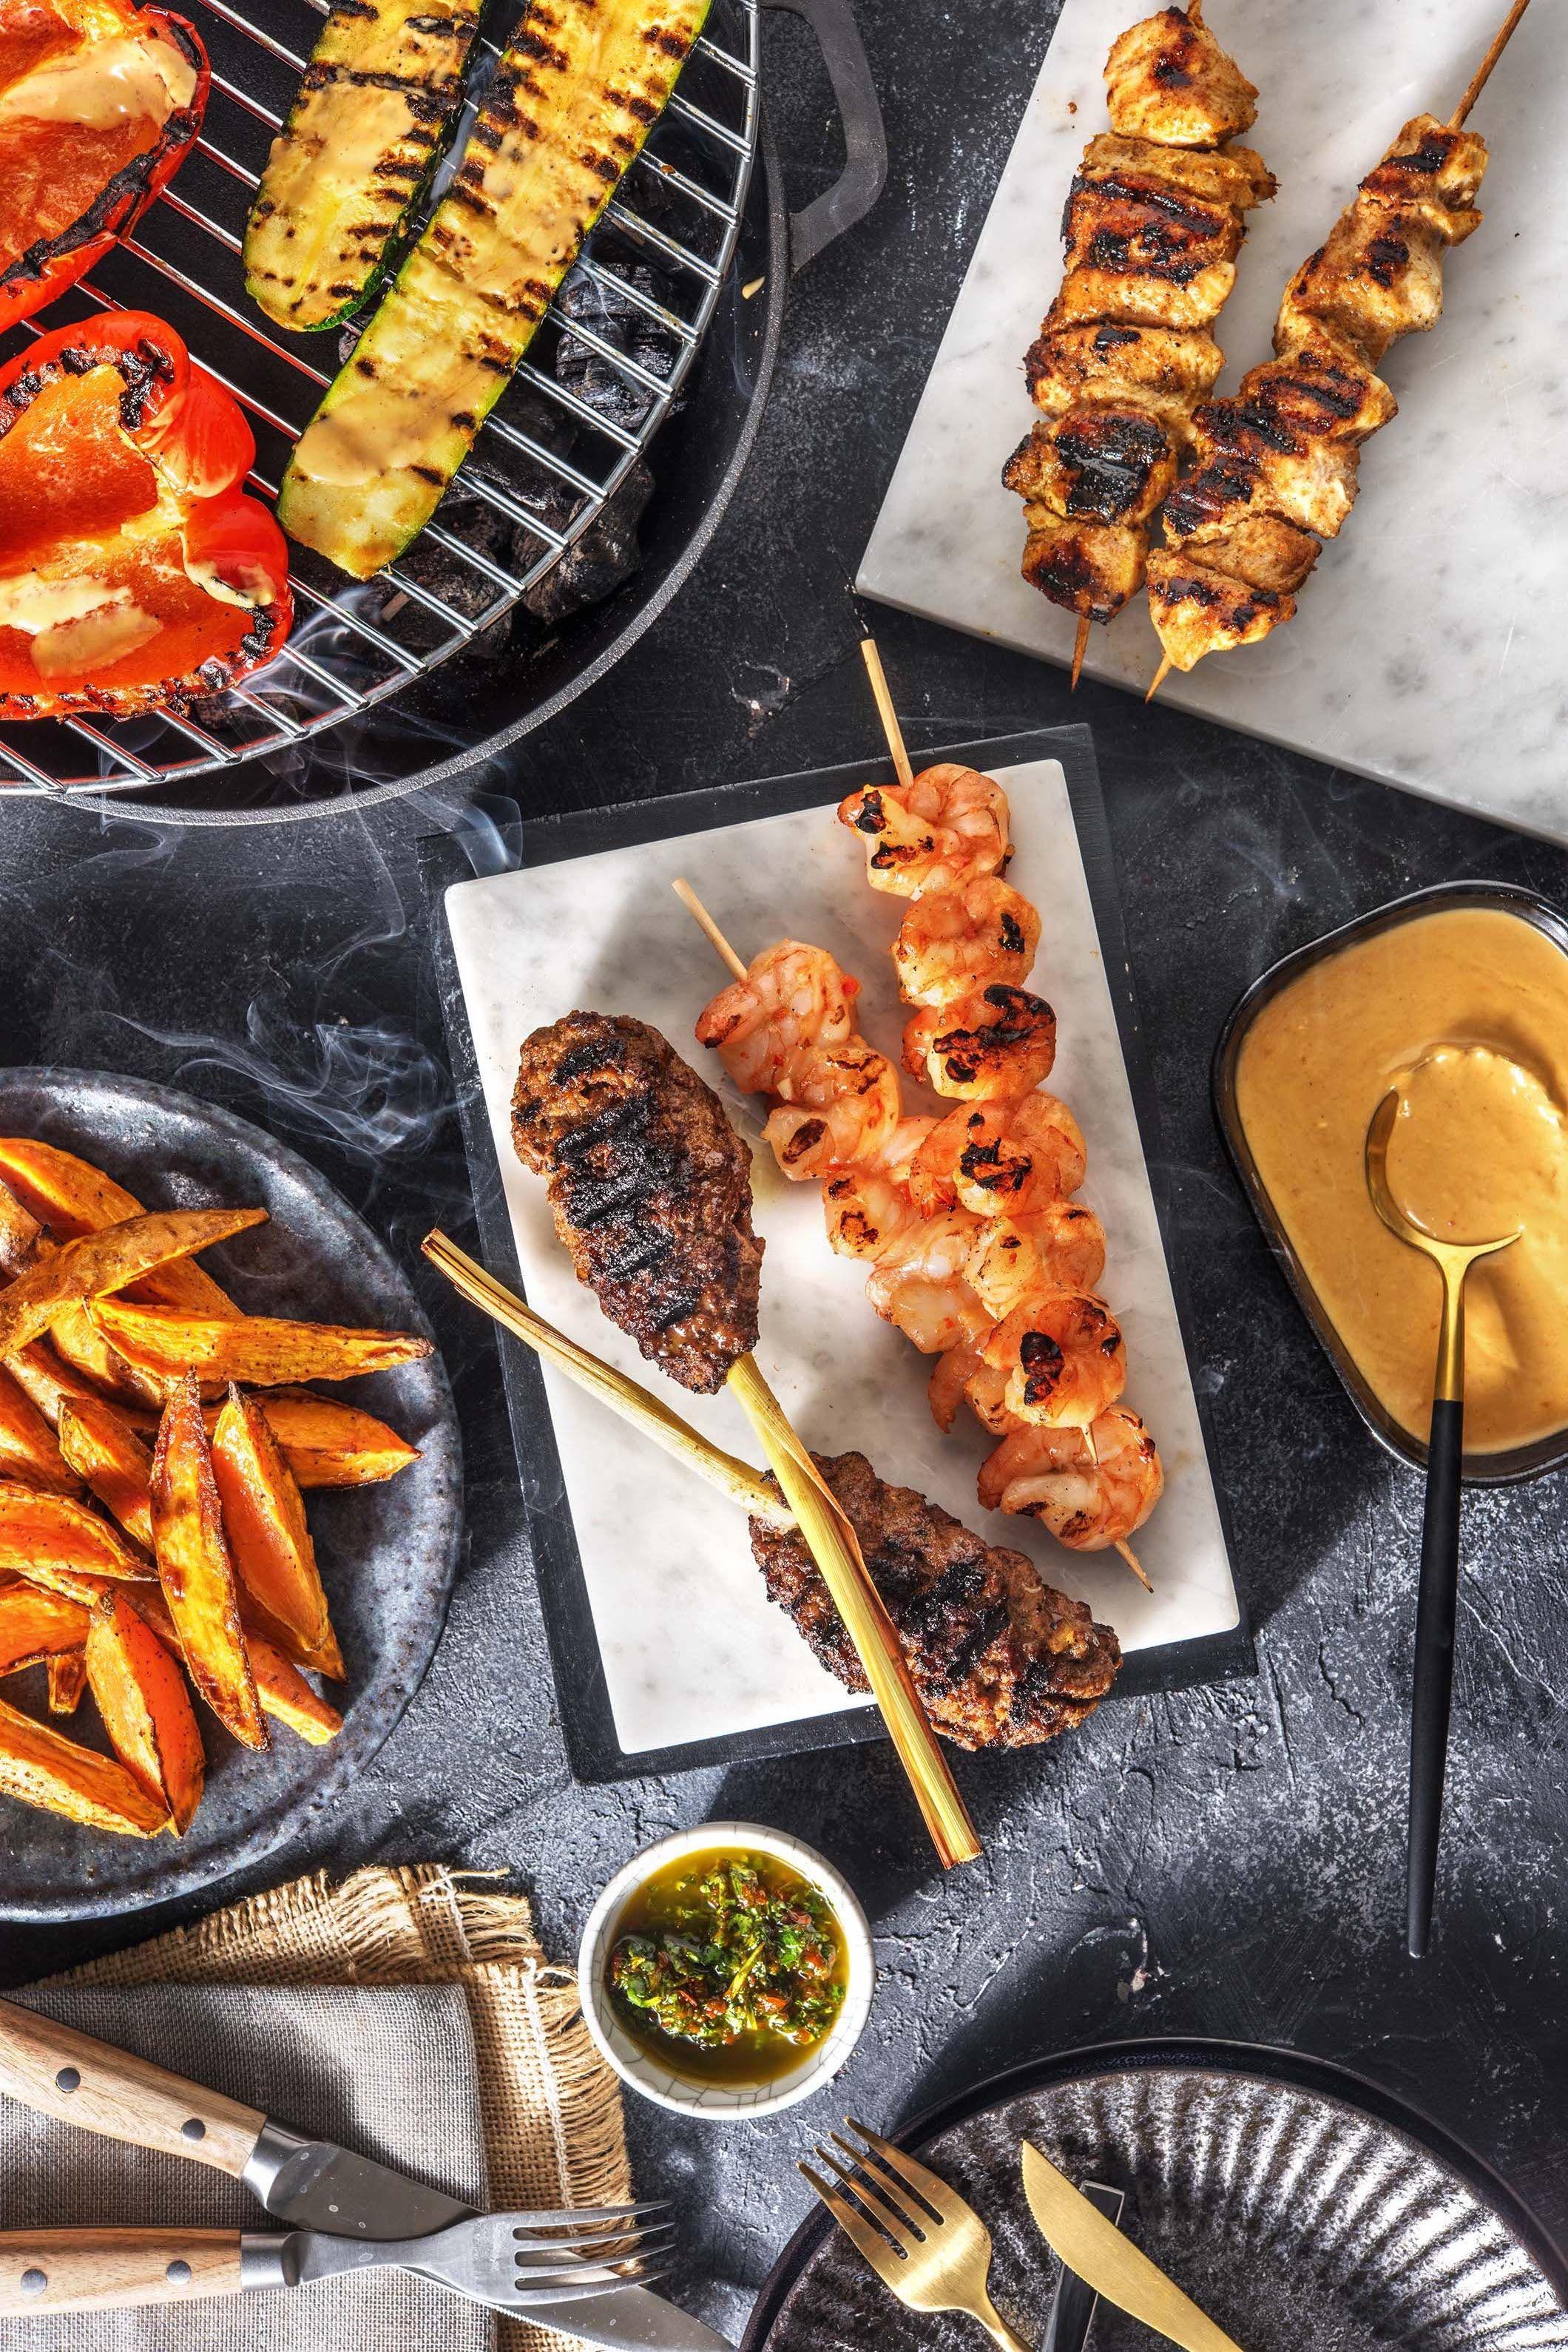 Thailandische Grillplatte Mit Garnelen Kokos Hahnchen Und Hack Zitronengras Spiessen Recipe Food Recipes Grilling Grill Pan